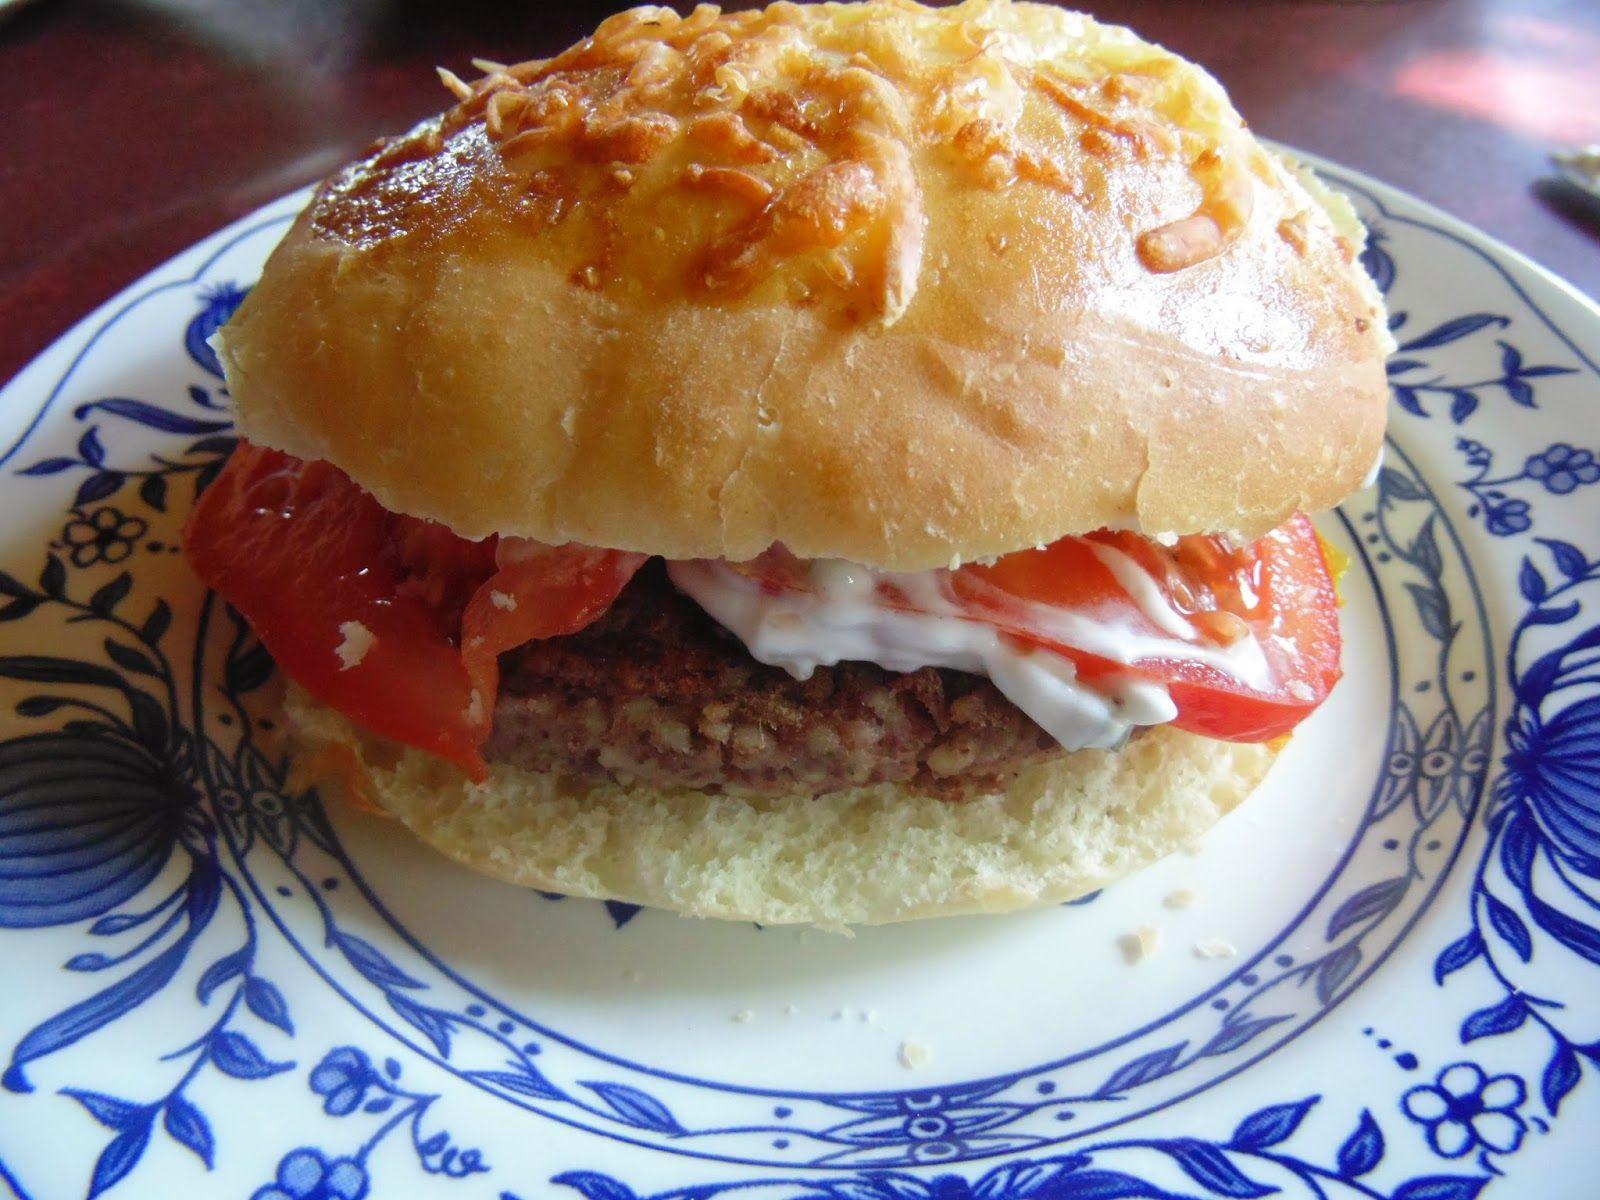 Mother´s Kitchen: Vegetarische Burger - einfach und schnell gemacht